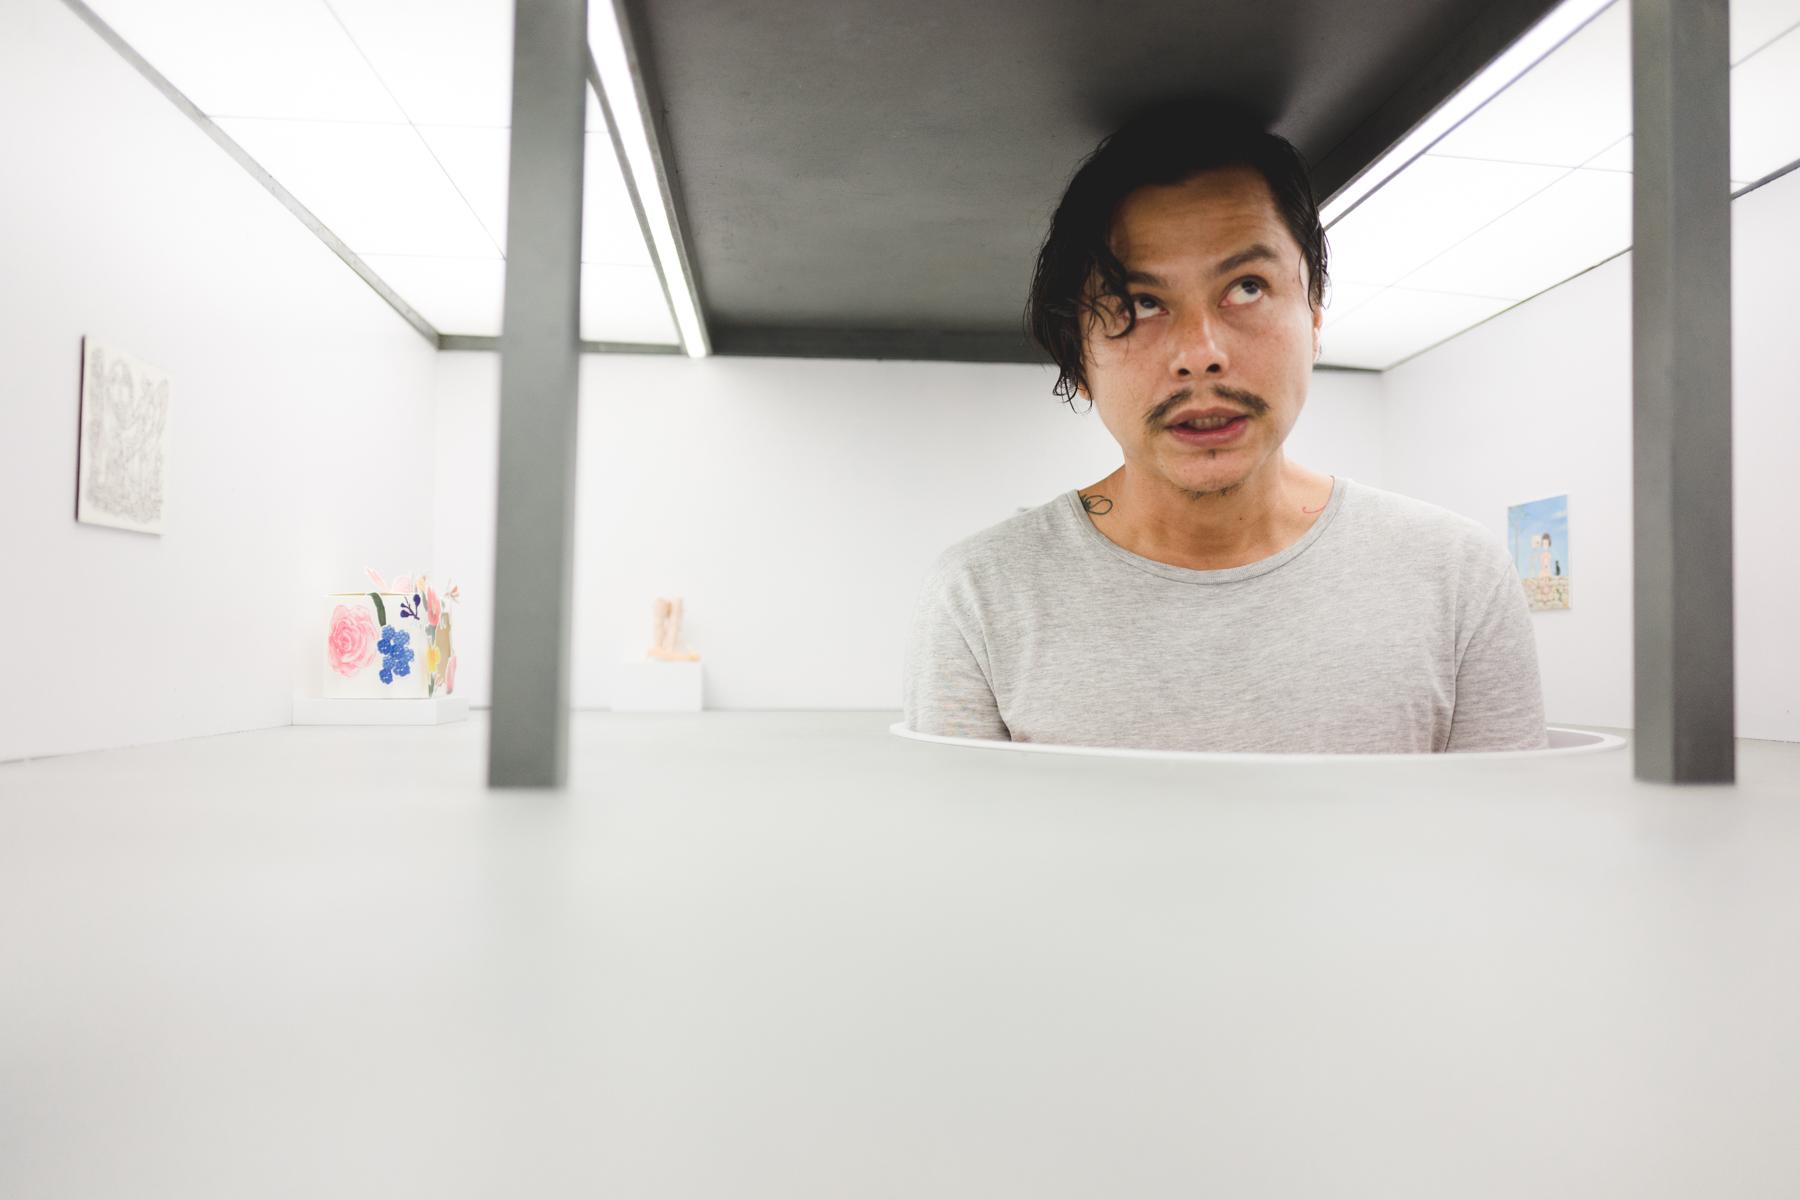 เก๋ ปิยะพร สนิทวงศ์, Art Dialogue, bangkok art biennale 2018